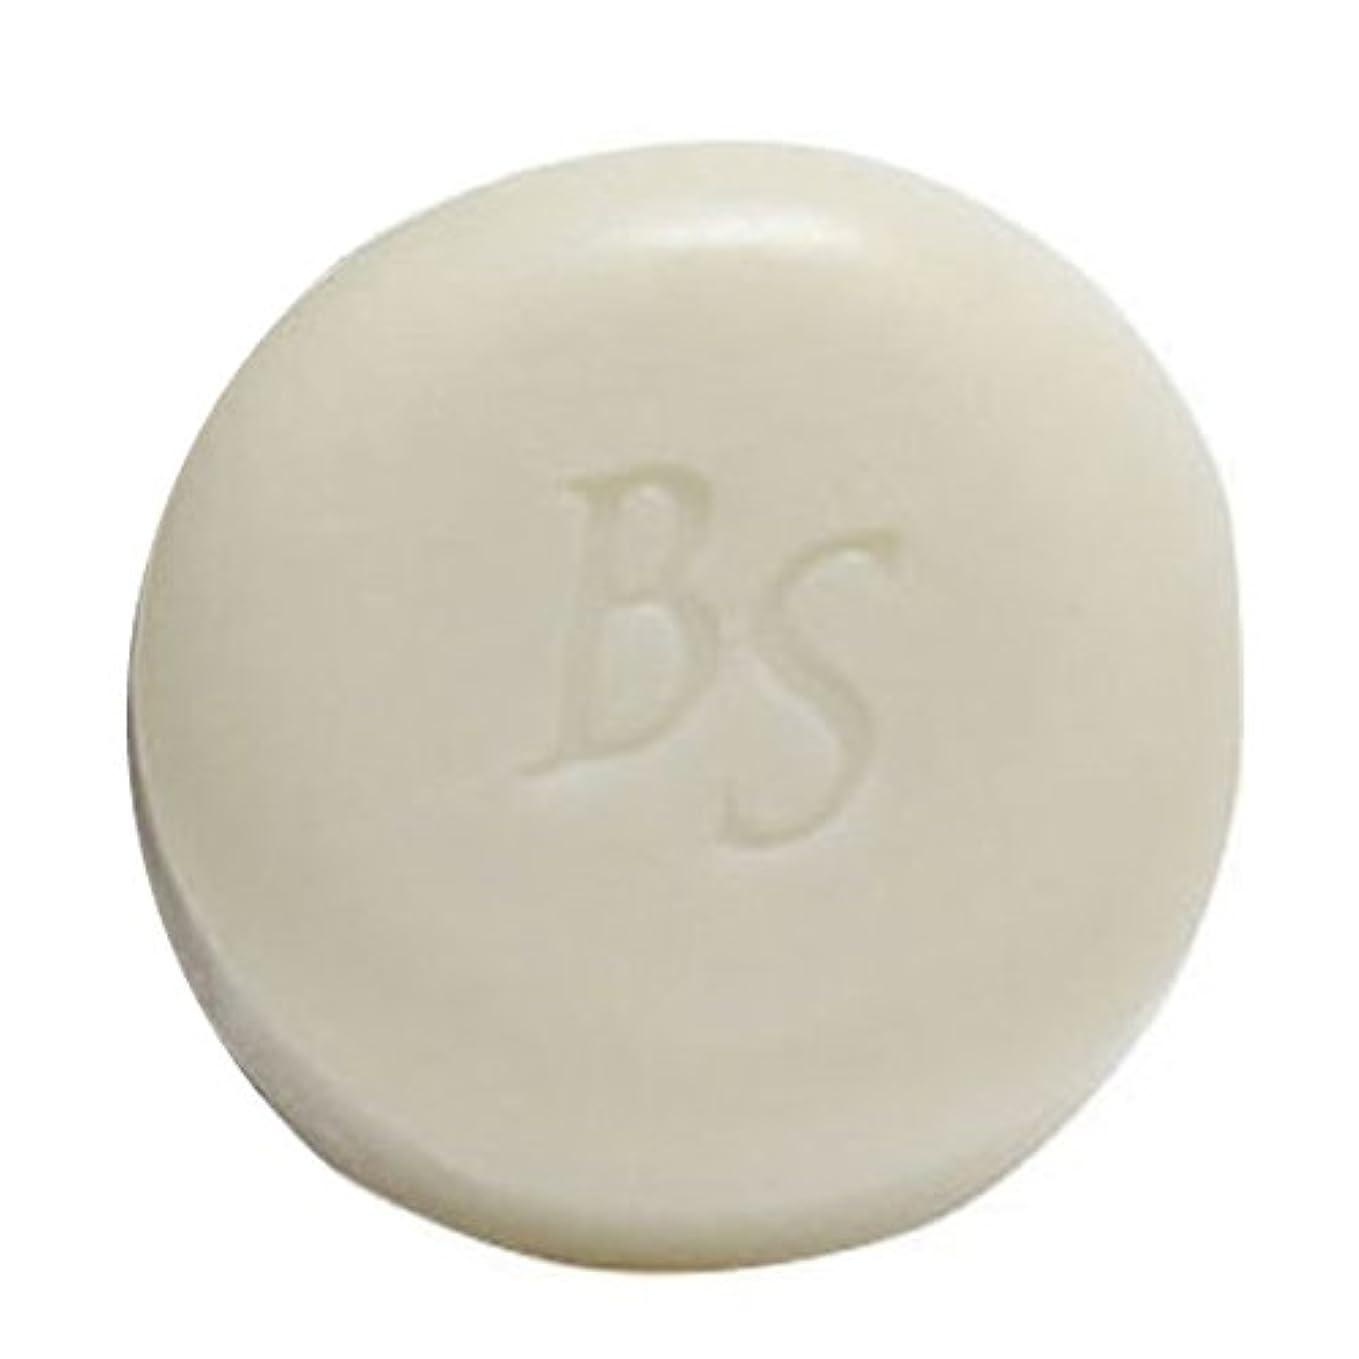 説得力のあるニックネーム有益なBelles Secret Soap 100g